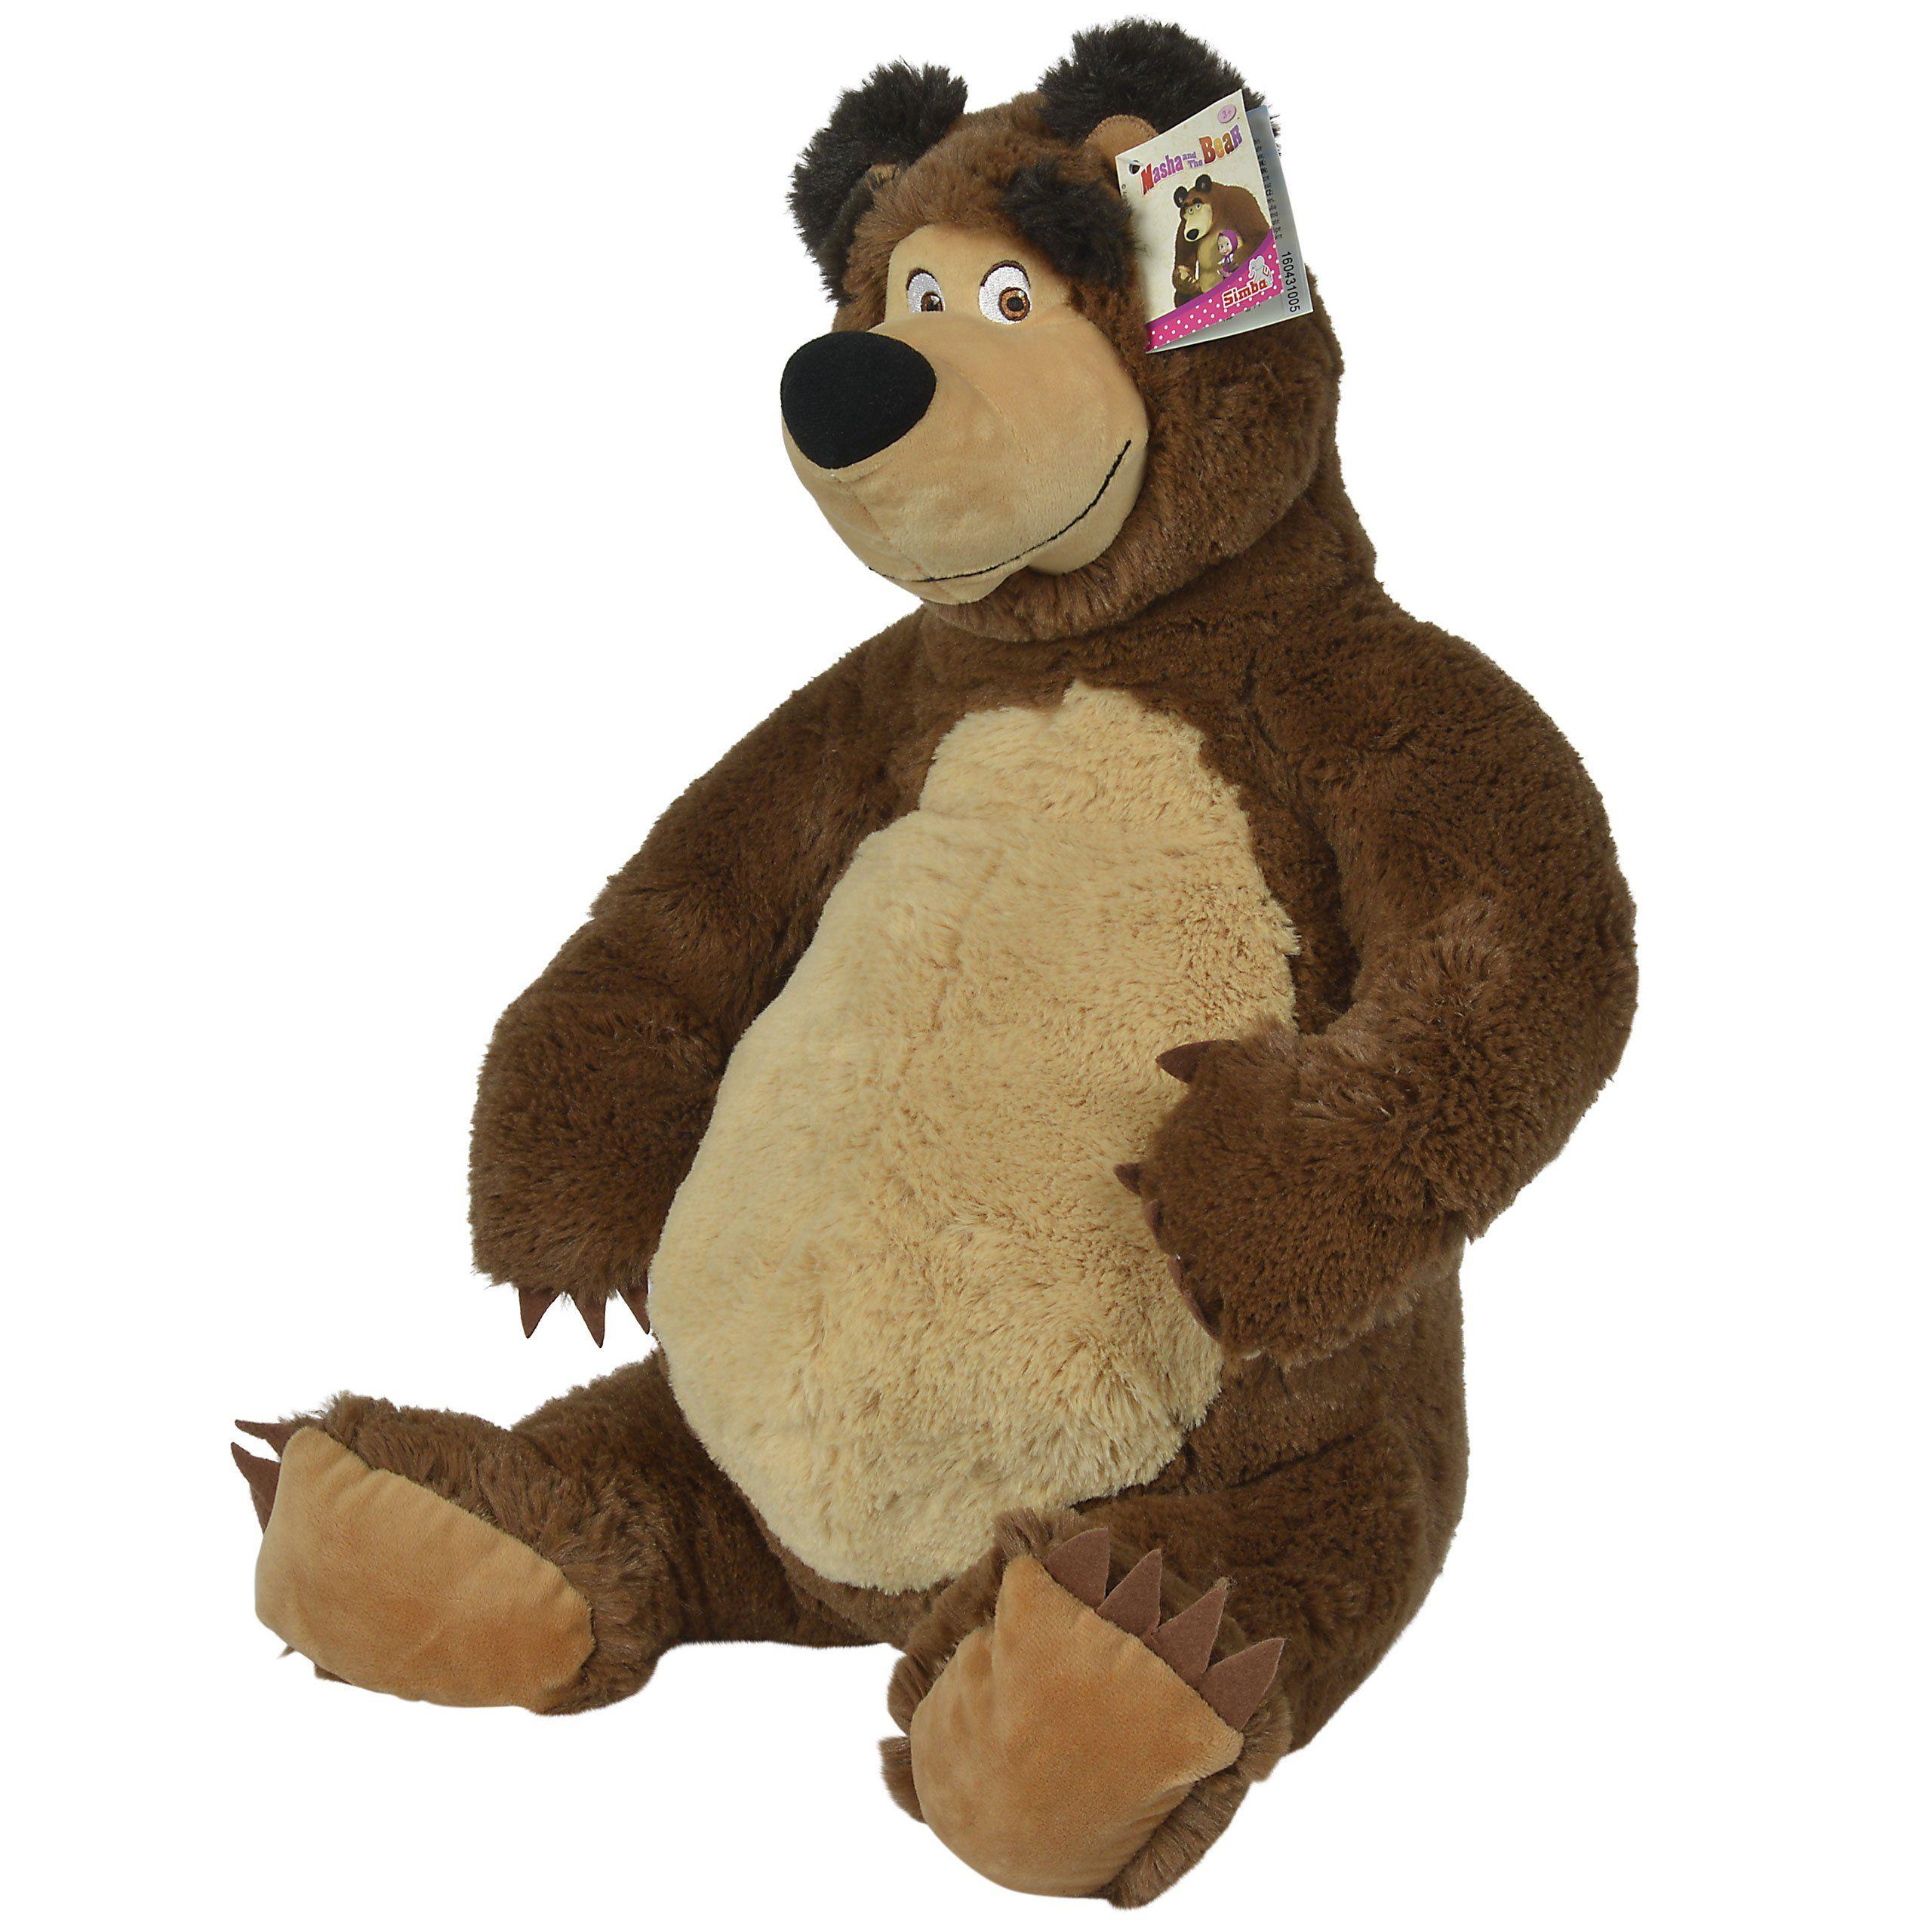 Pluszowy Niedzwiedz Misza 50 Cm Simba Masza I Niedzwiedz Maskotka Pluszak Brykacze Pl Internetowy Sklep Z Zabawkami Dla Dzieci Bear Teddy Bear Masha And The Bear